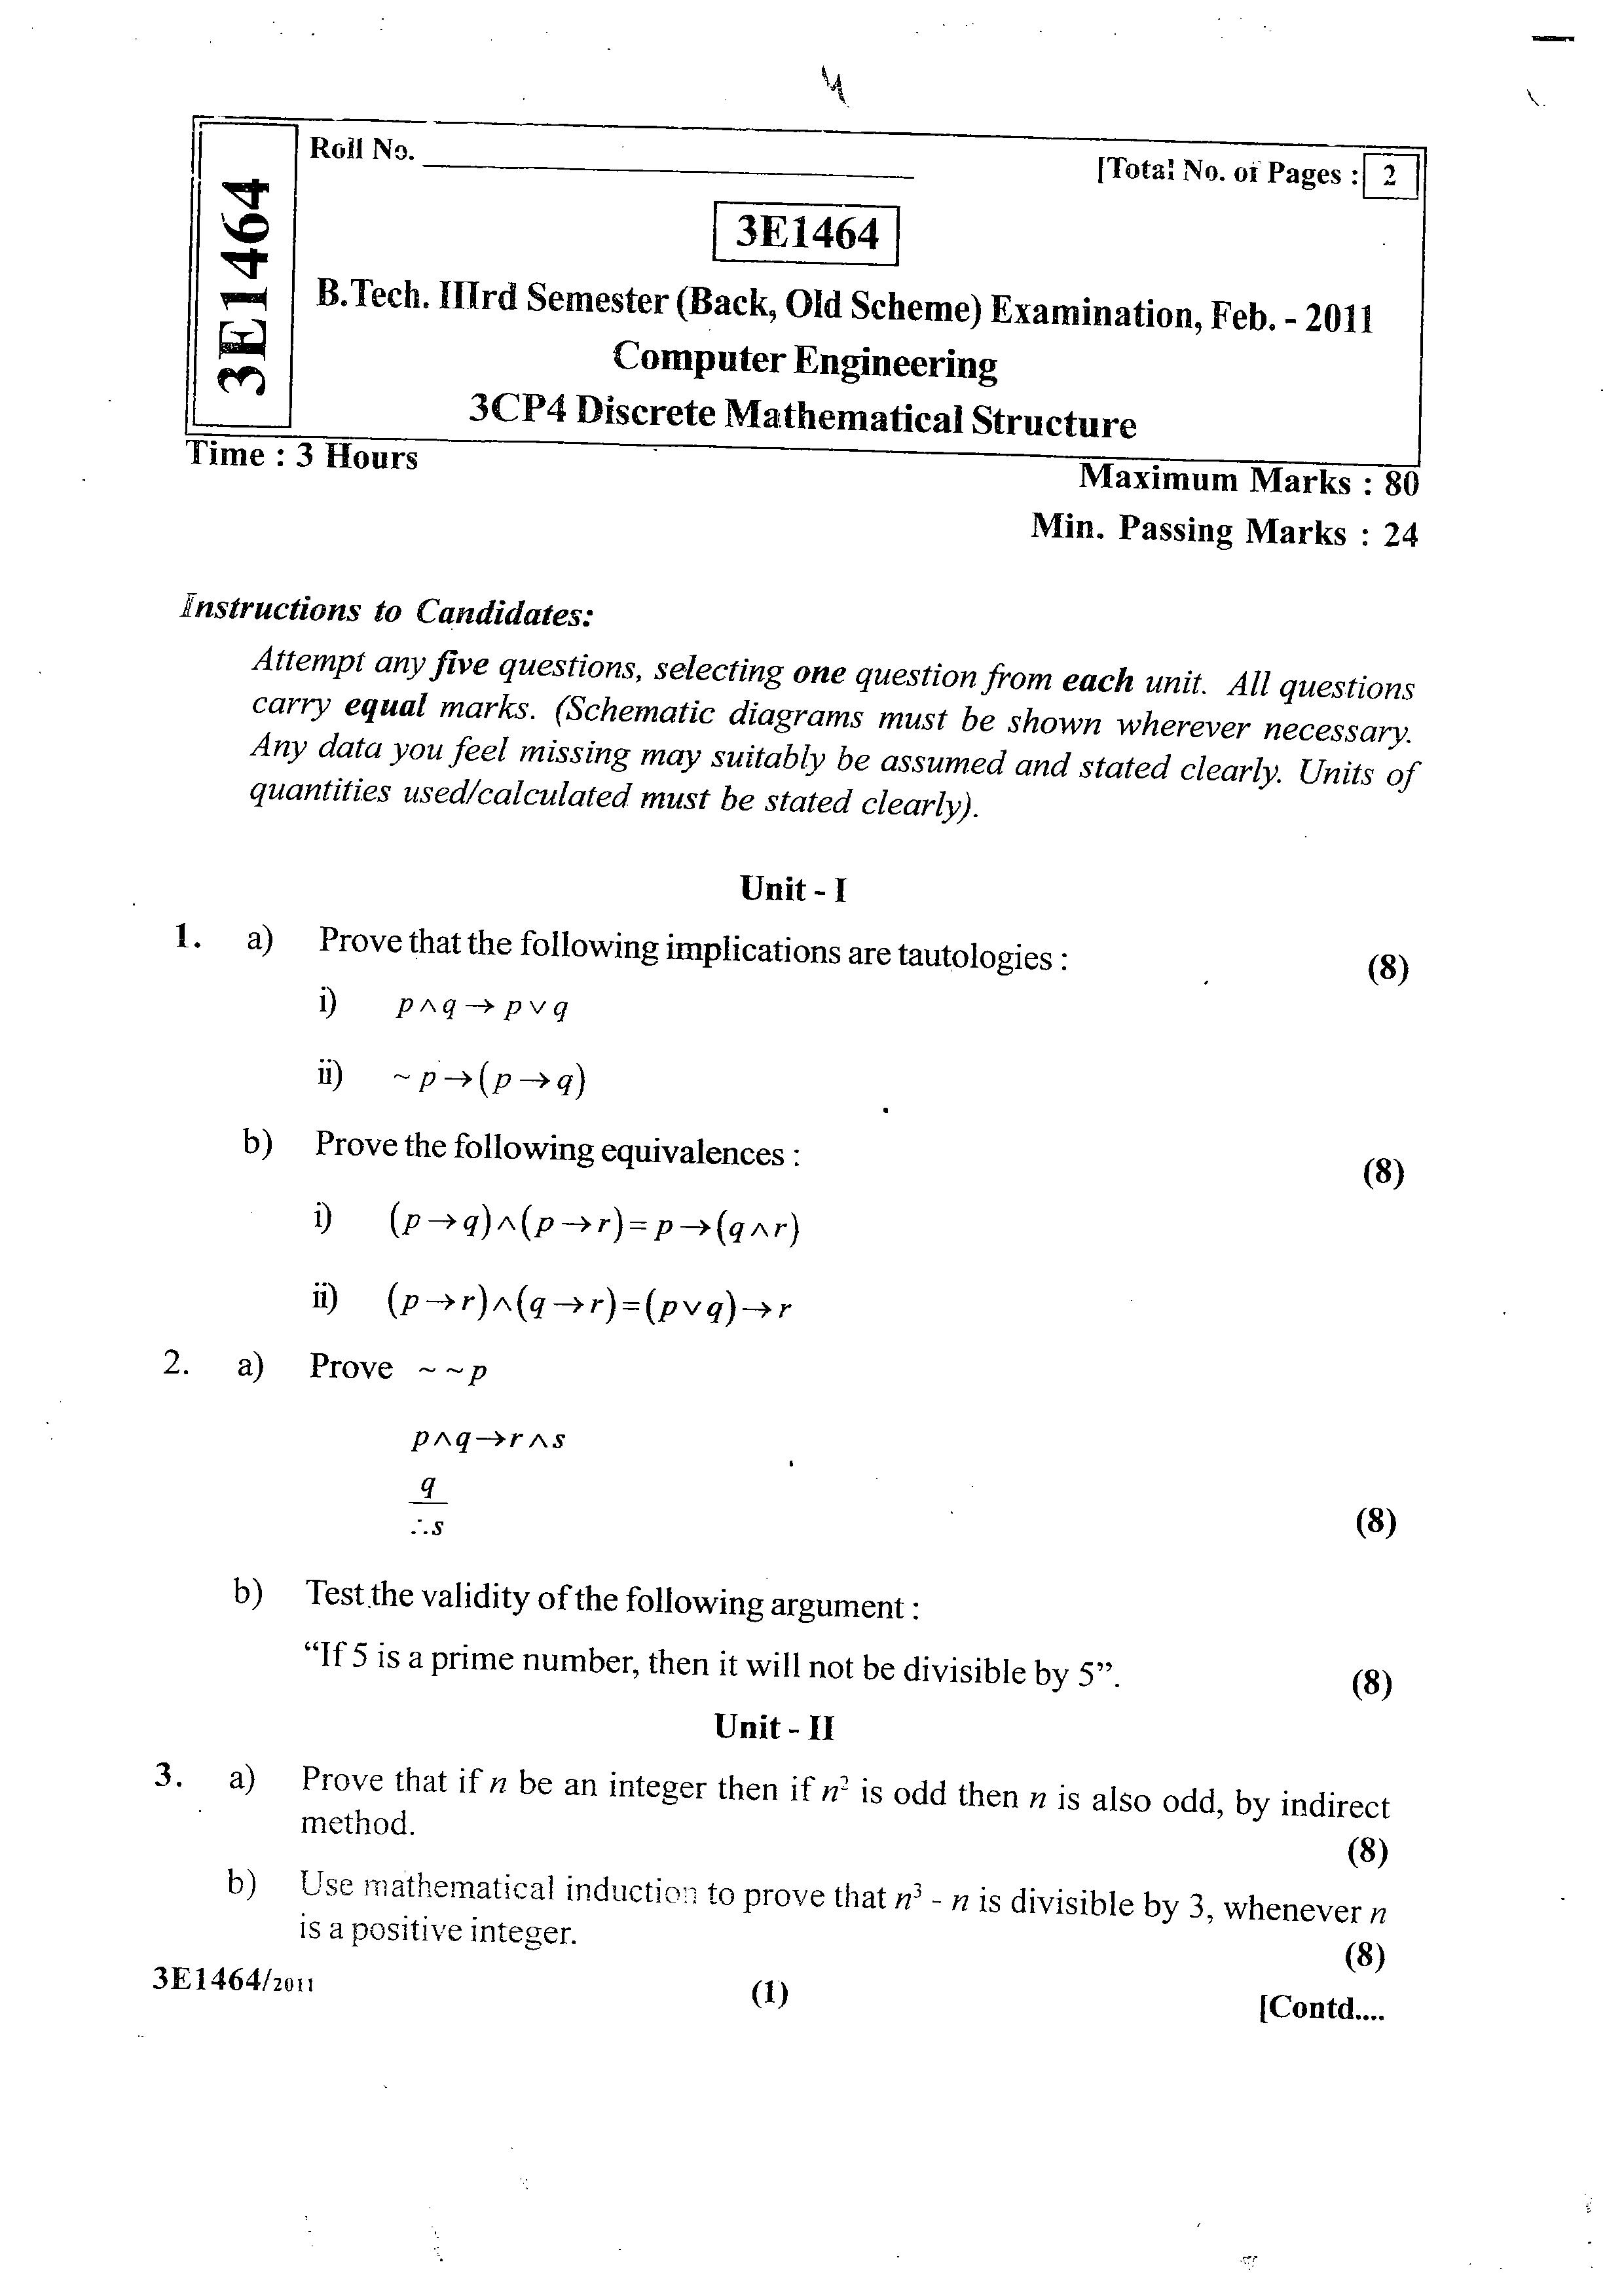 Download Bernard Kolman Discrete Mathematical Structures Pdf.pdf